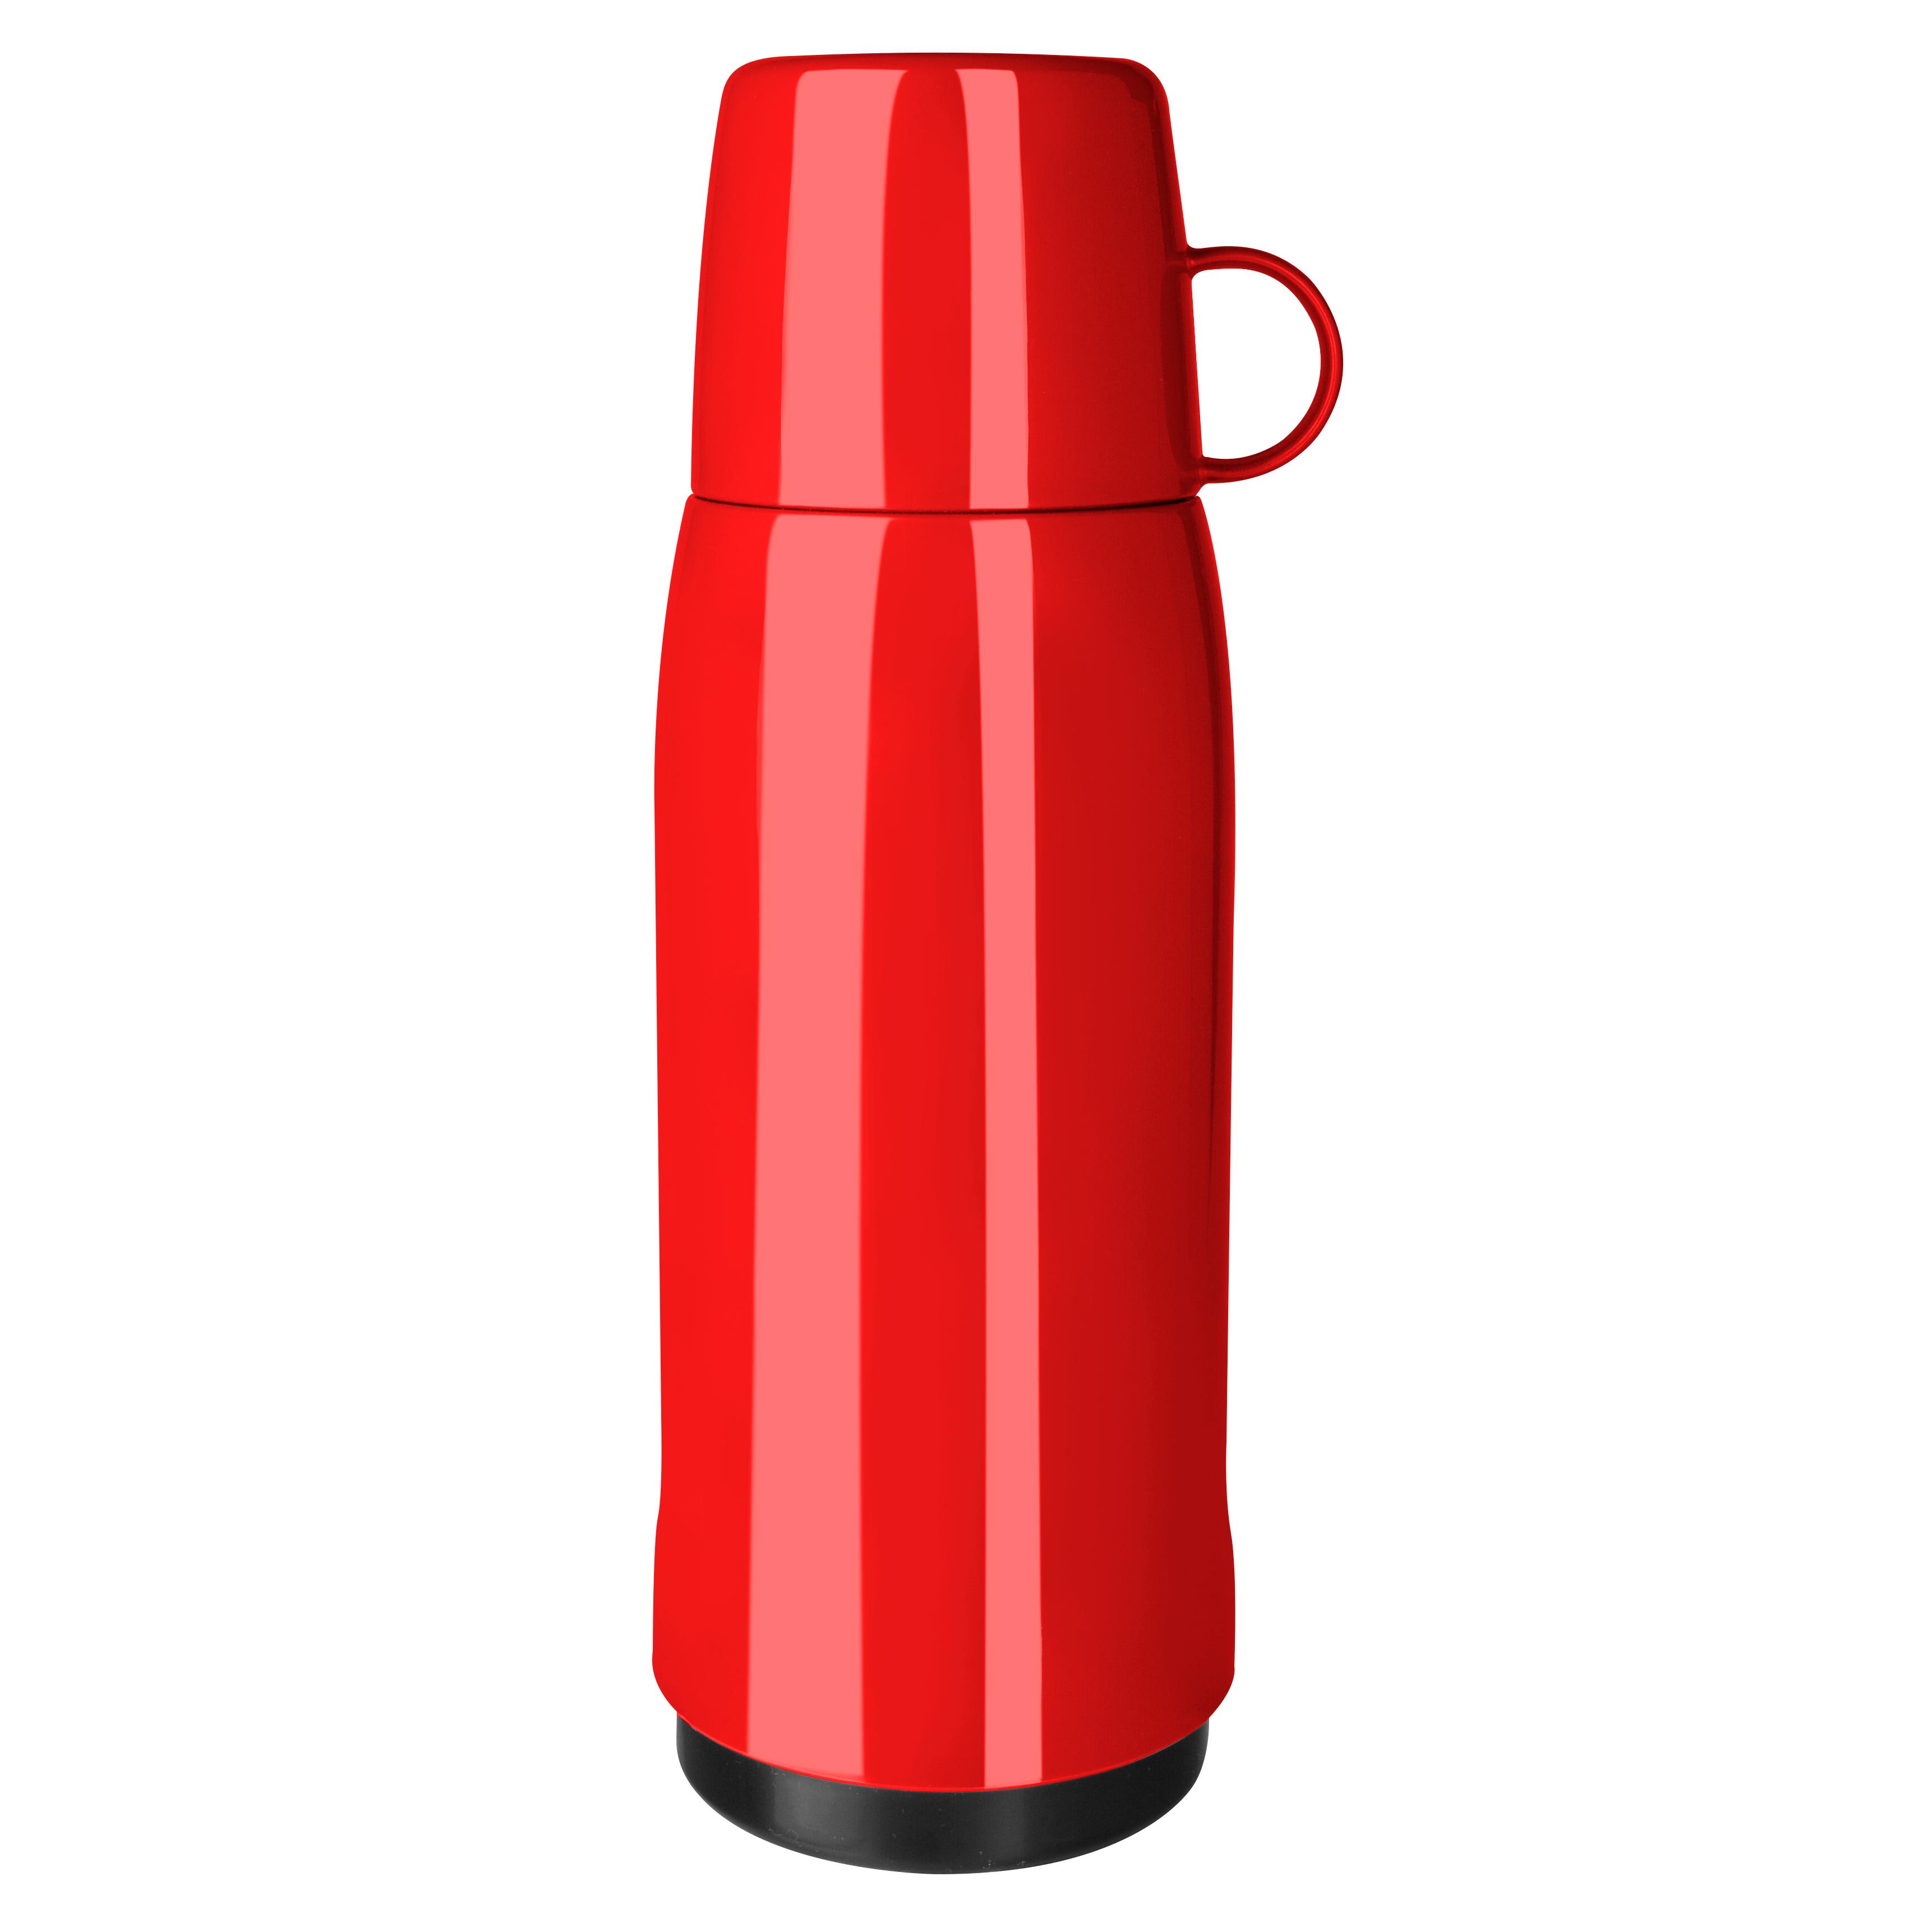 EMSA 502447 ROCKET Isolierflasche 0,75 L Schraubverschluss Rot - mit Becherdeckel - 100% dicht